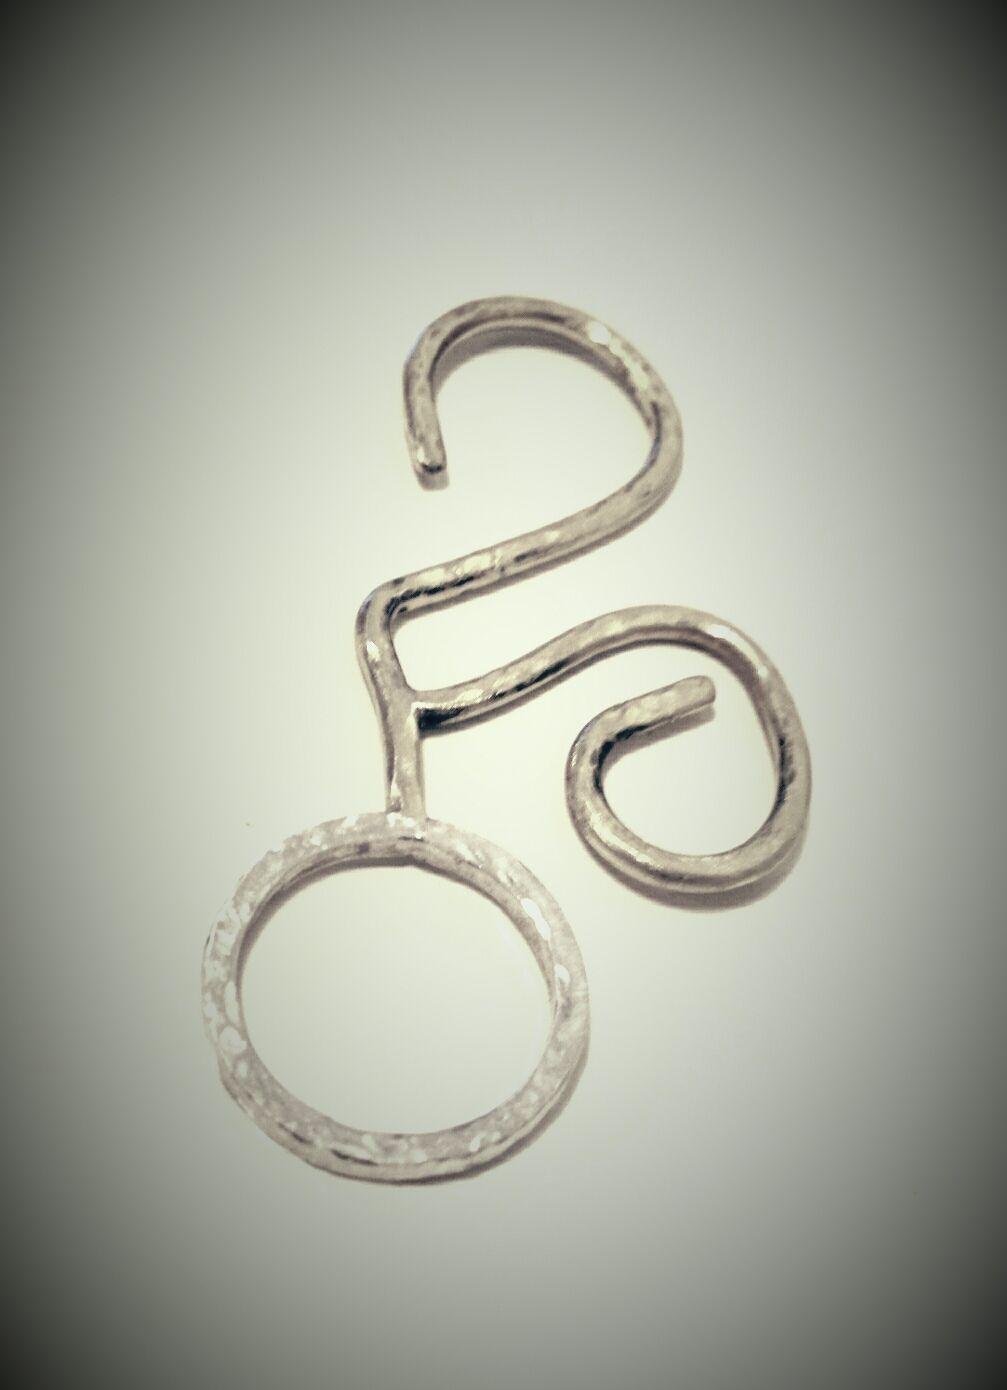 Colgante de plata con ramitas.  apb